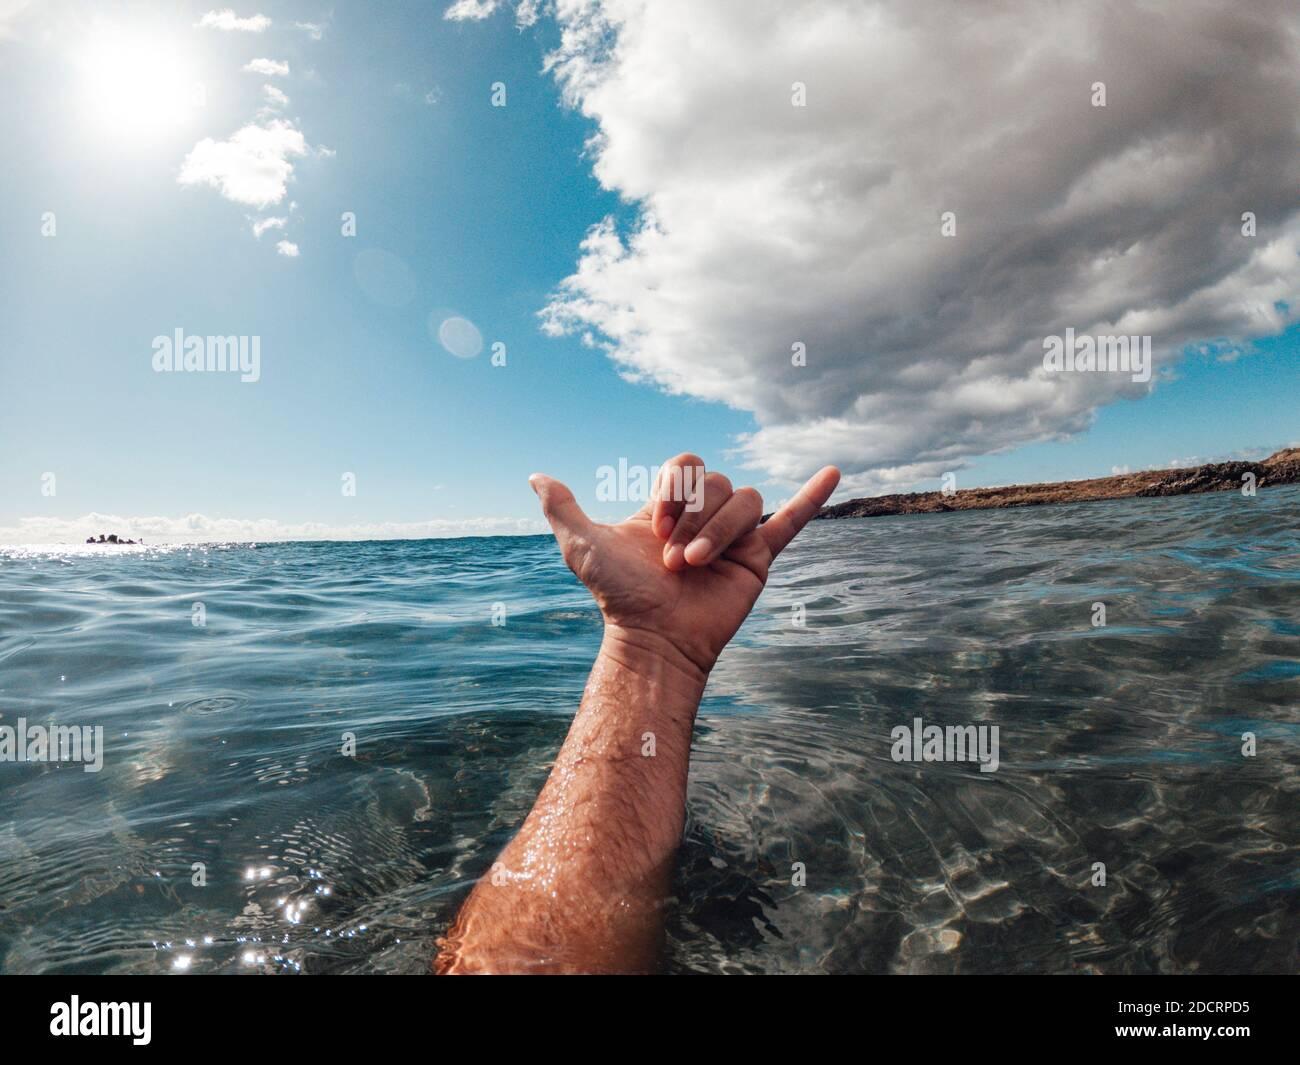 Hombre manos en el surf signo hallo fuera del azul agua del océano con la costa y el cielo agradable en el fondo - concepto de personas y vacaciones de verano Foto de stock